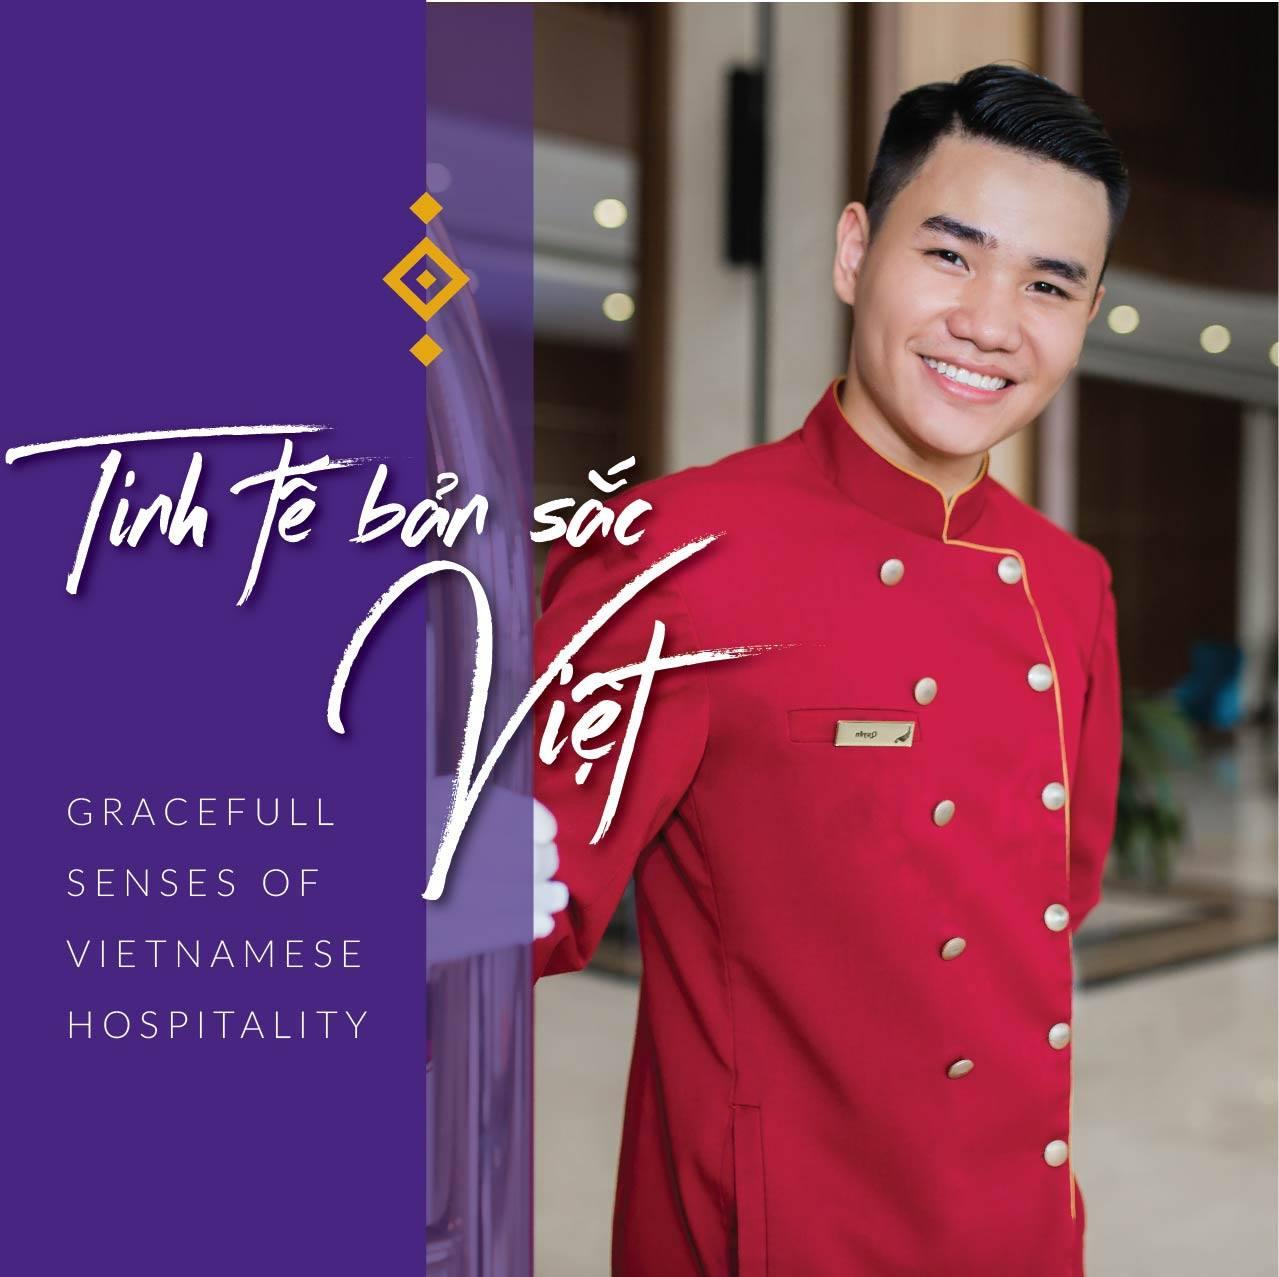 Tập đoàn khách sạn Mường Thanh ra mắt bộ phận nhận diện thương hiệu mới 'Bản sắc Việt - Bản sắc Mường Thanh' 3